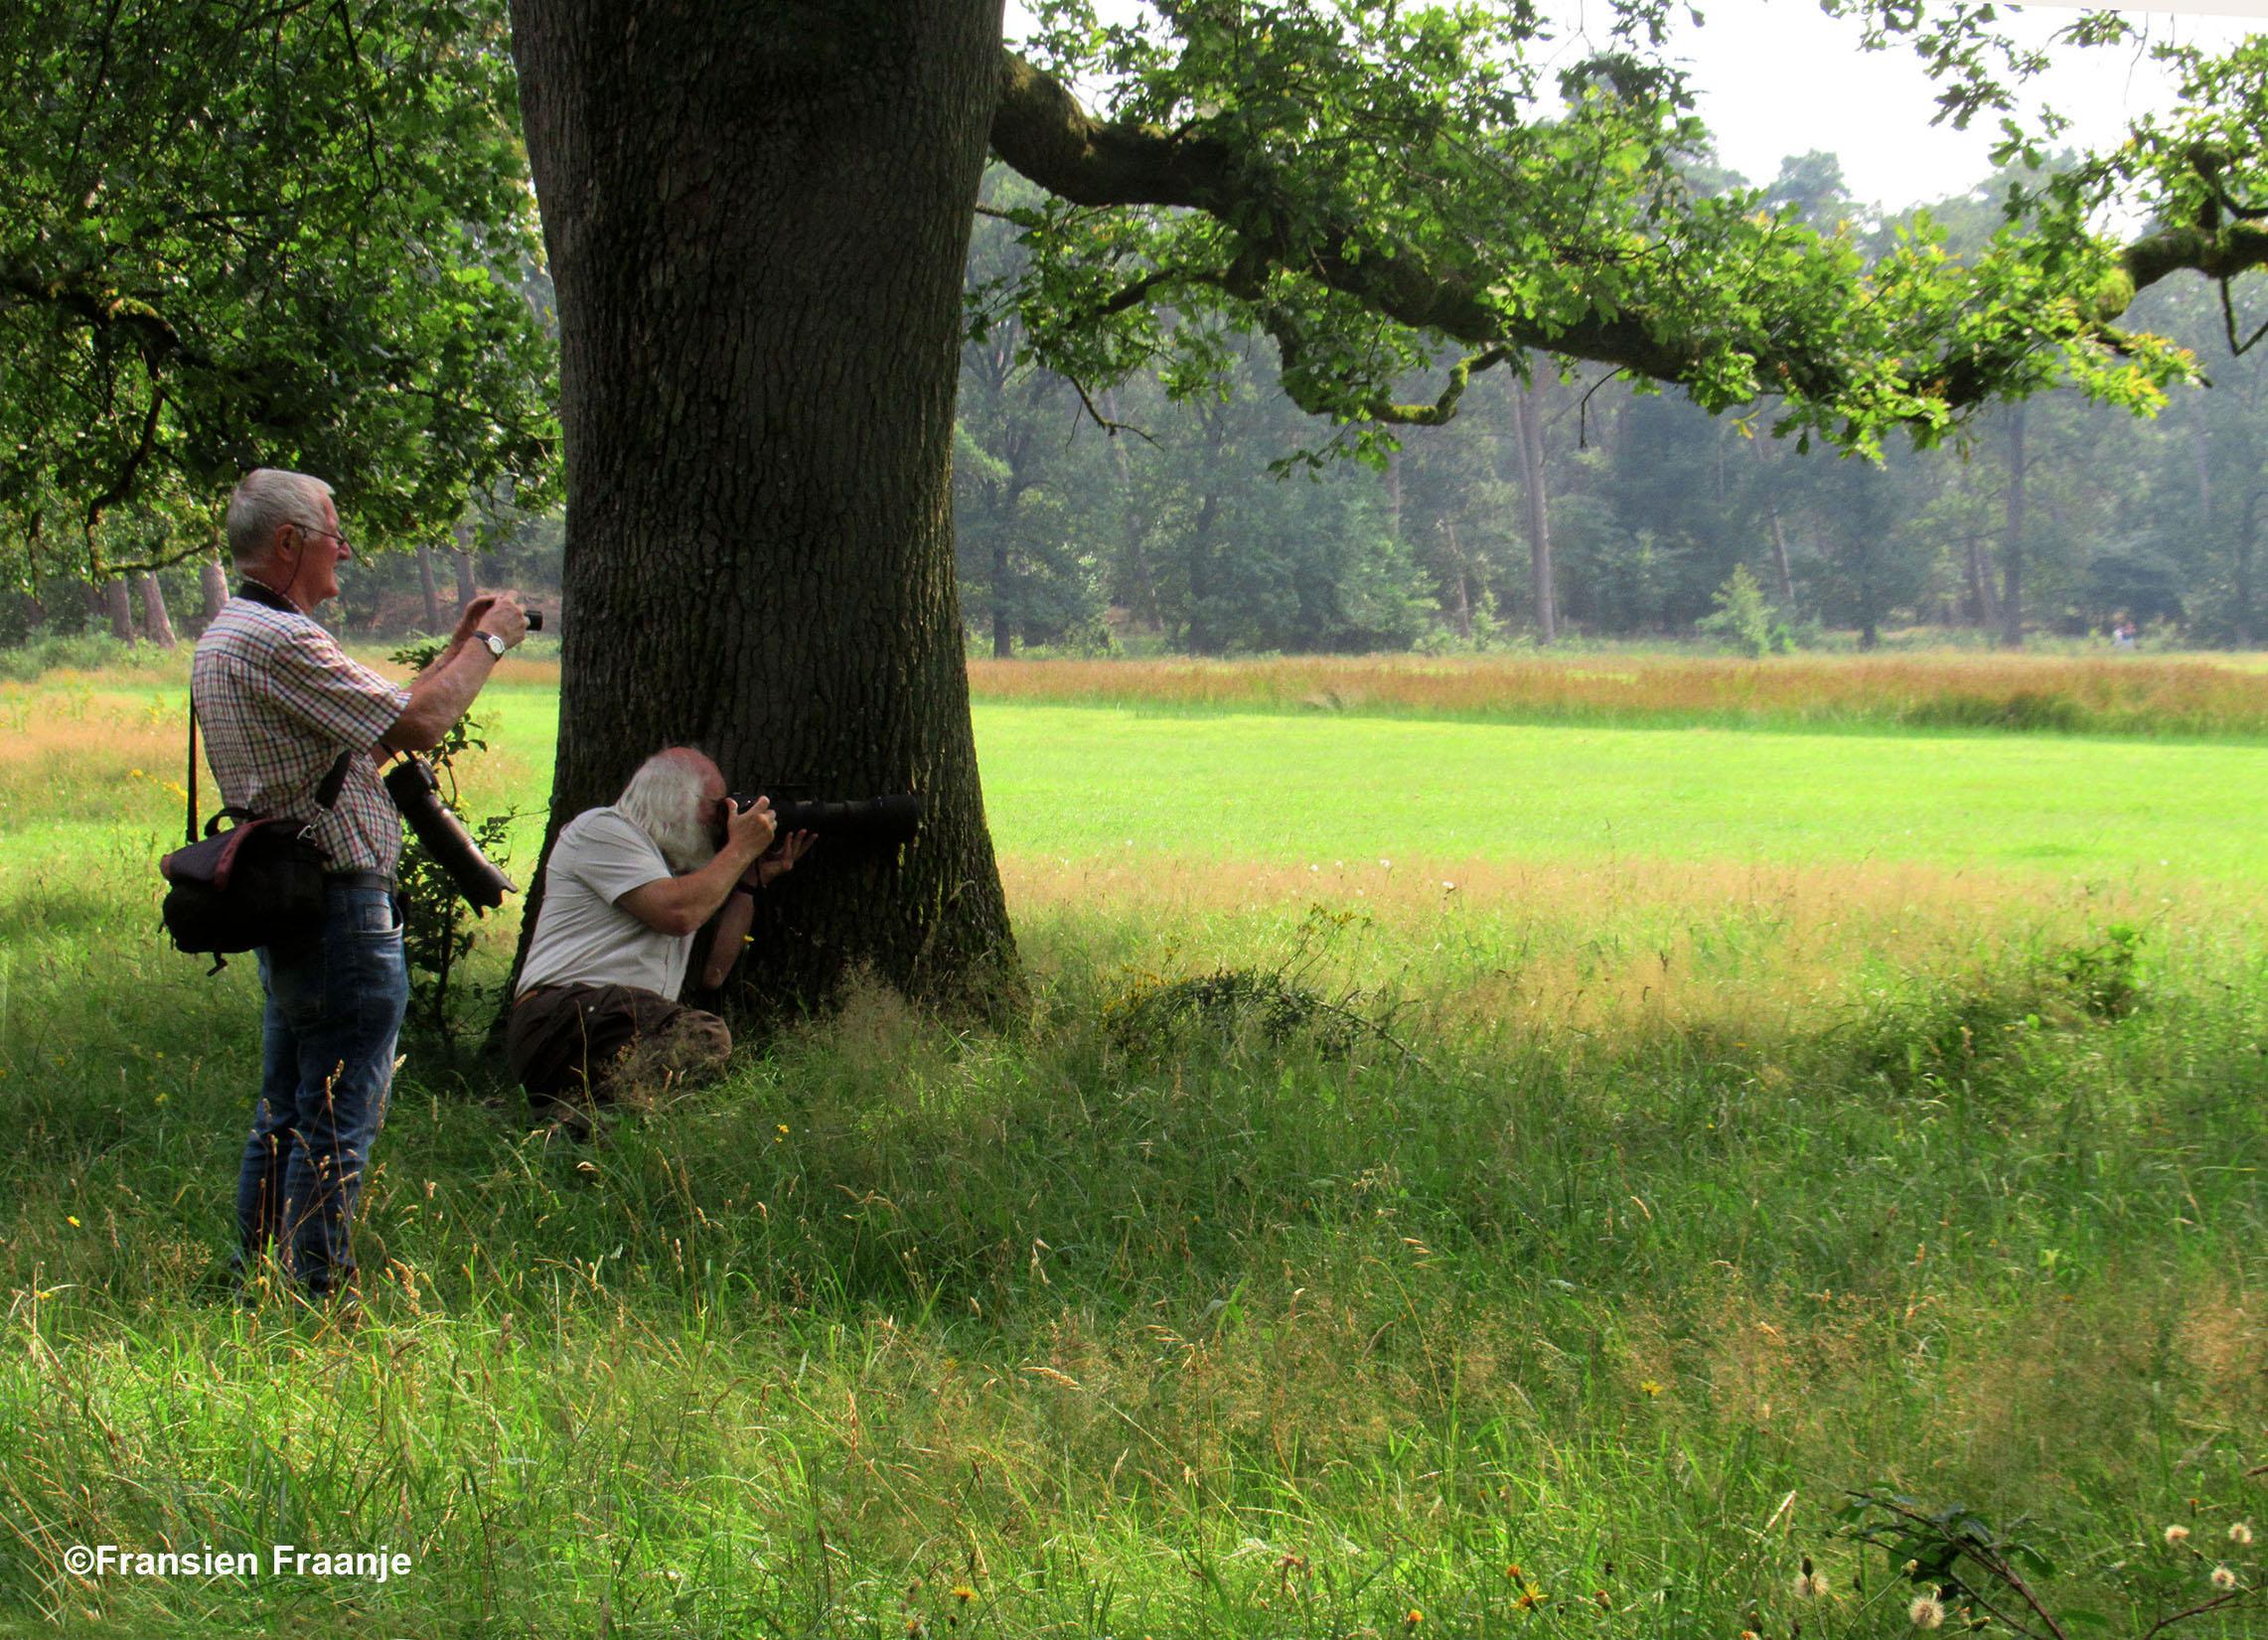 Natuurvrienden Florus en Louis in de schaduw van een oude eikenboom - Foto: ©Fransien Fraanje